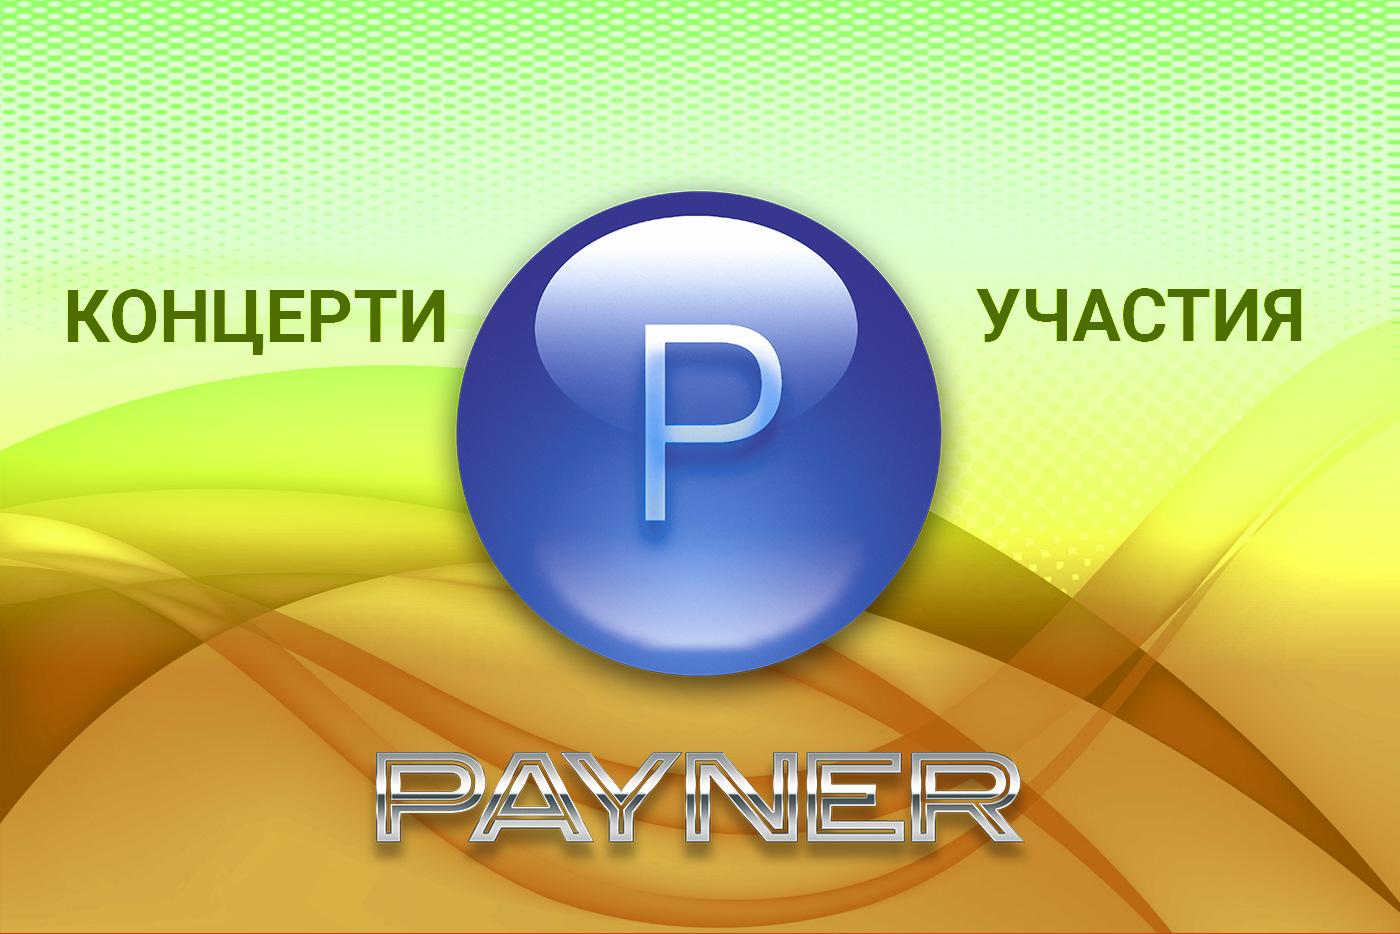 """Участия на звездите на """"Пайнер"""" на 02.12.2018"""